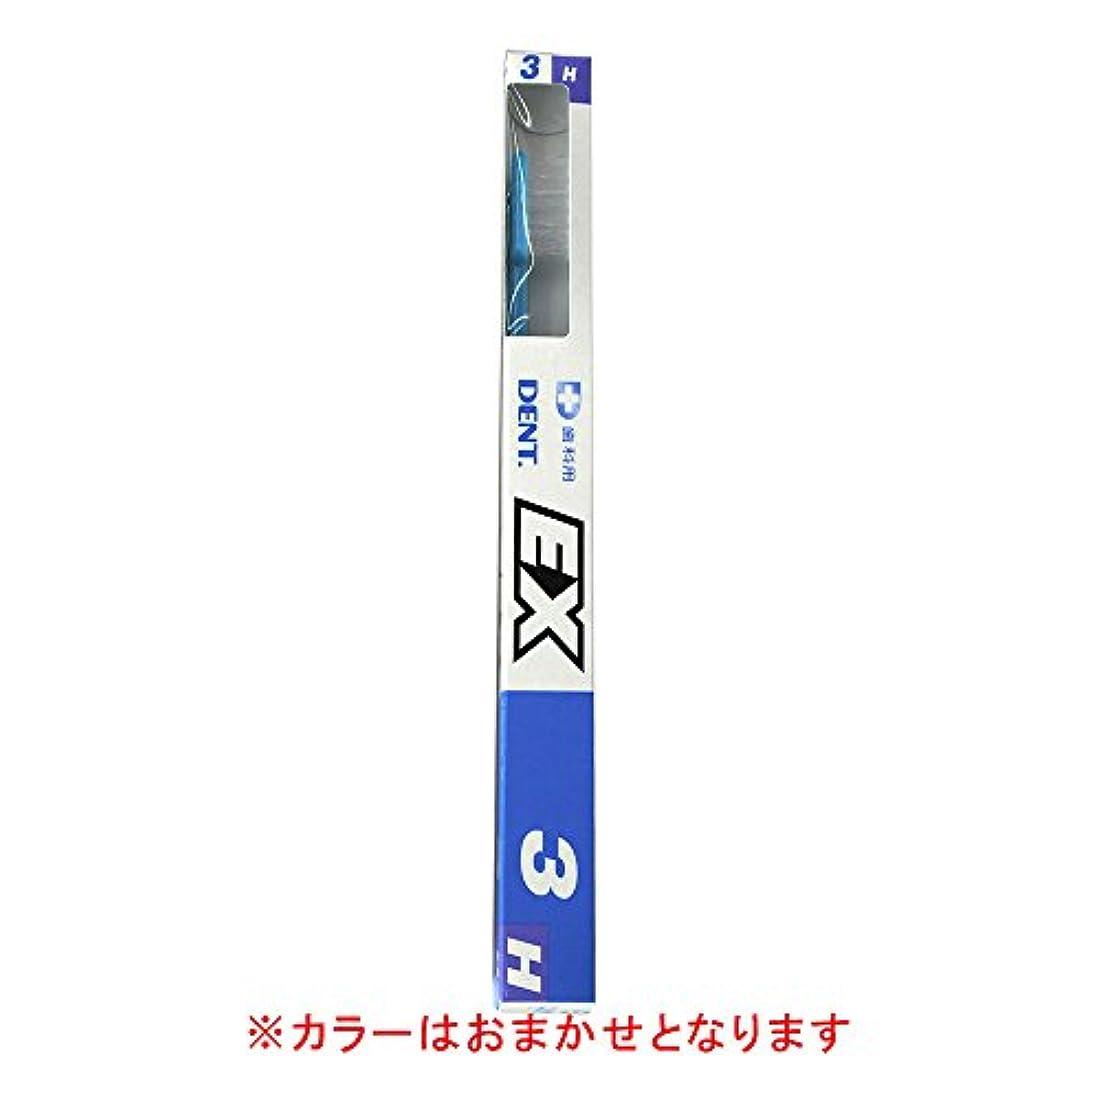 若者割り当てる特性ライオン 歯ブラシ DENT.EX 3H ハード 1本